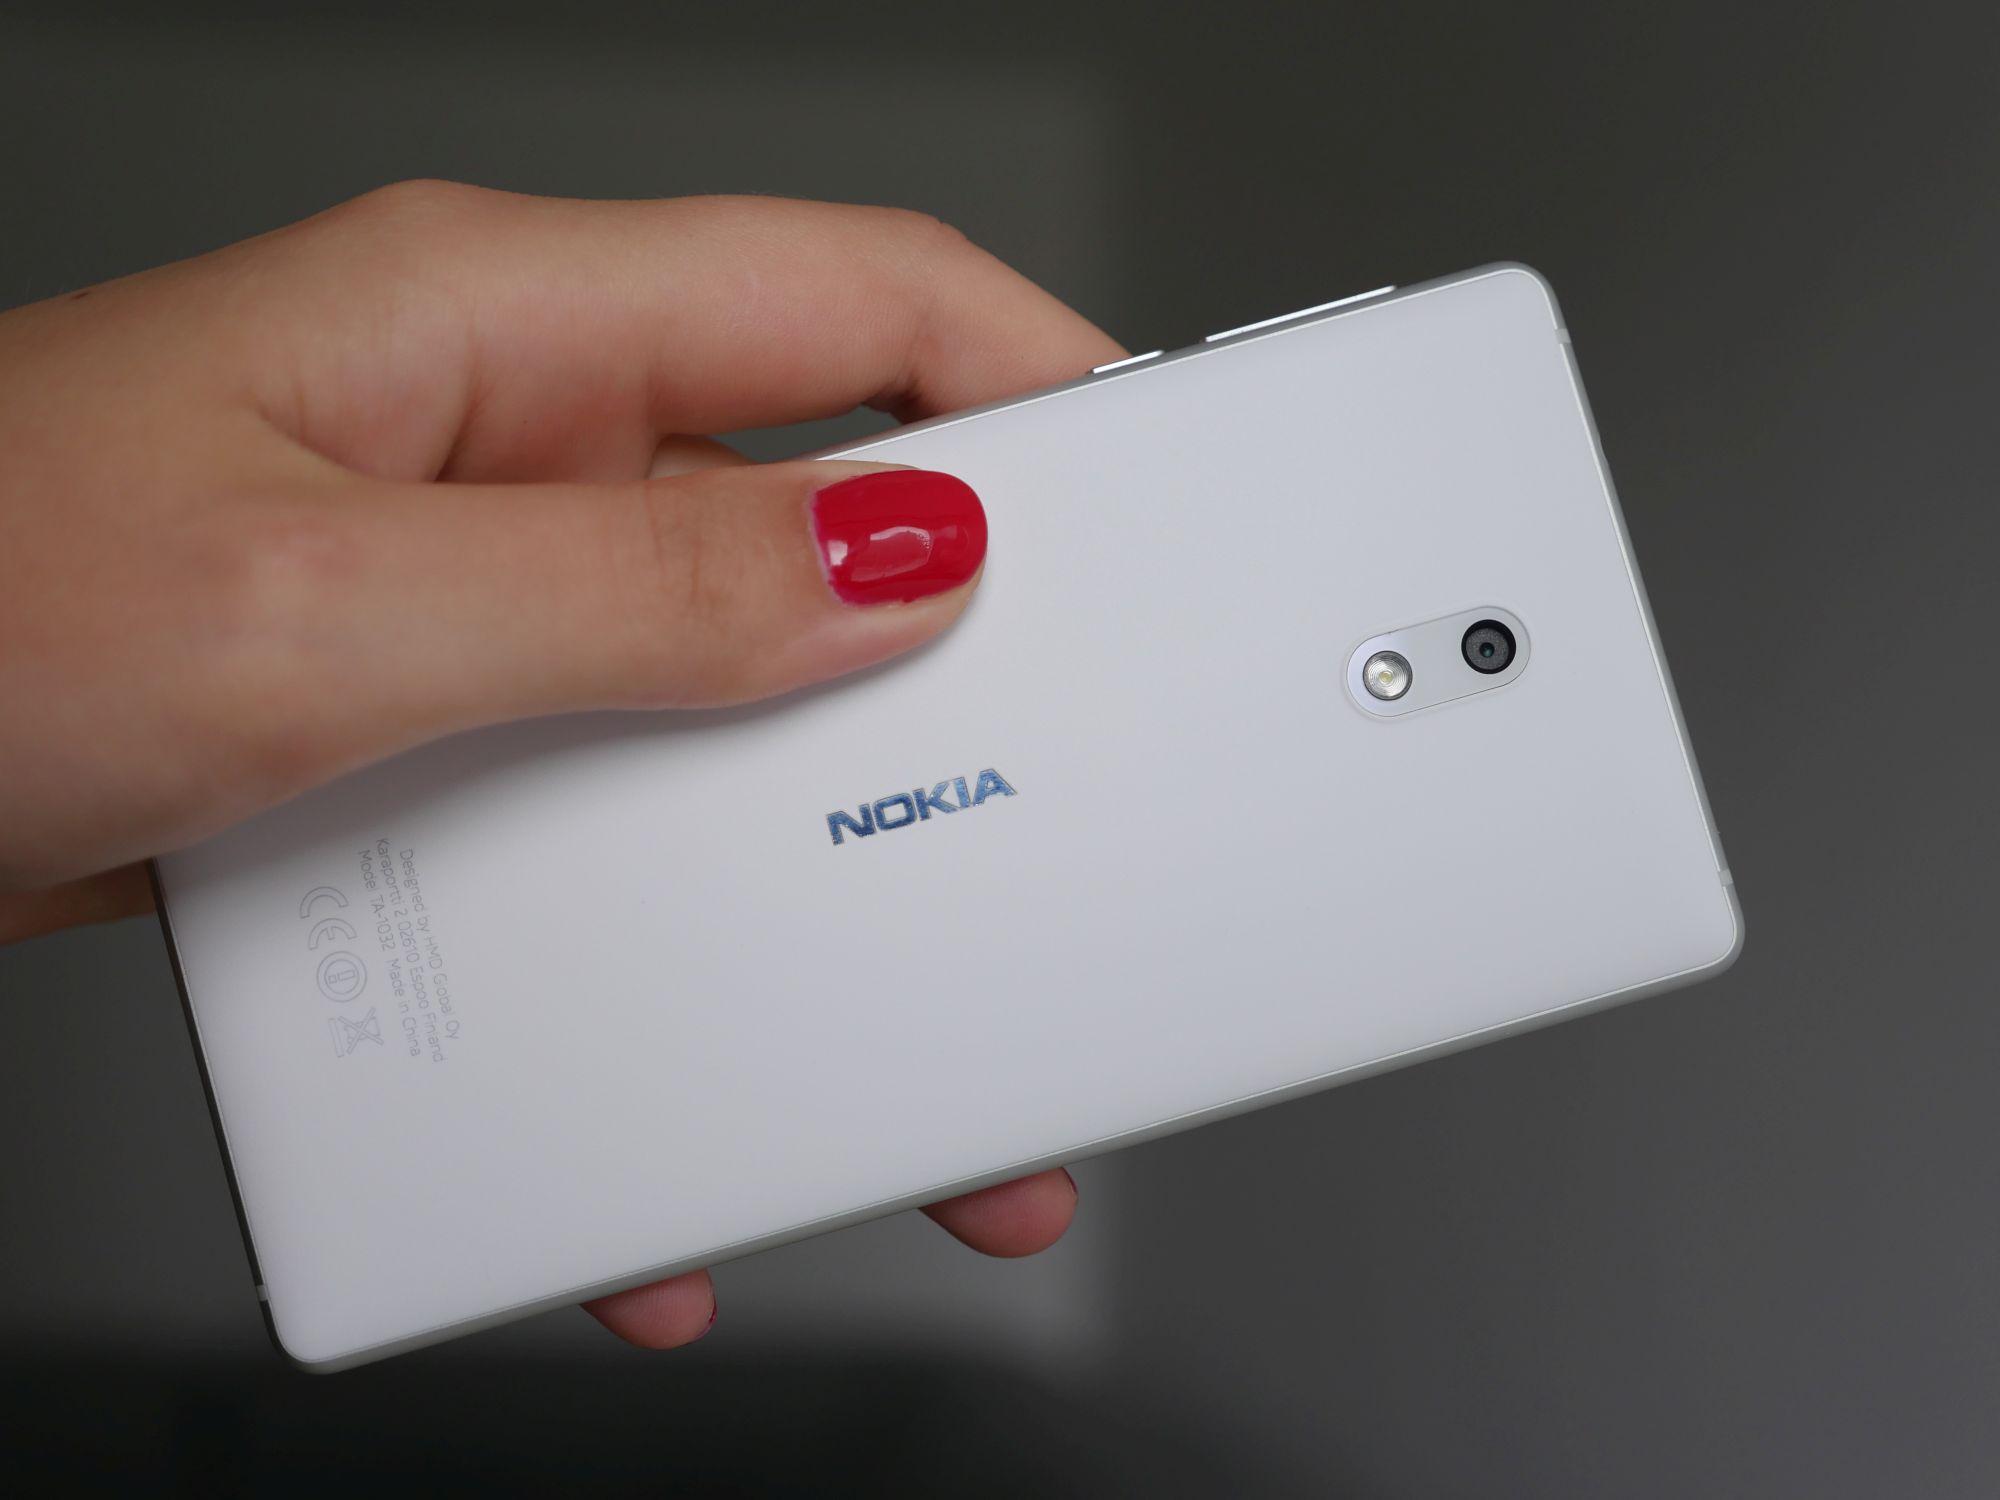 Są rzeczy gorsze na tym świecie niż Nokia 3. Na przykład Nokia 2 16